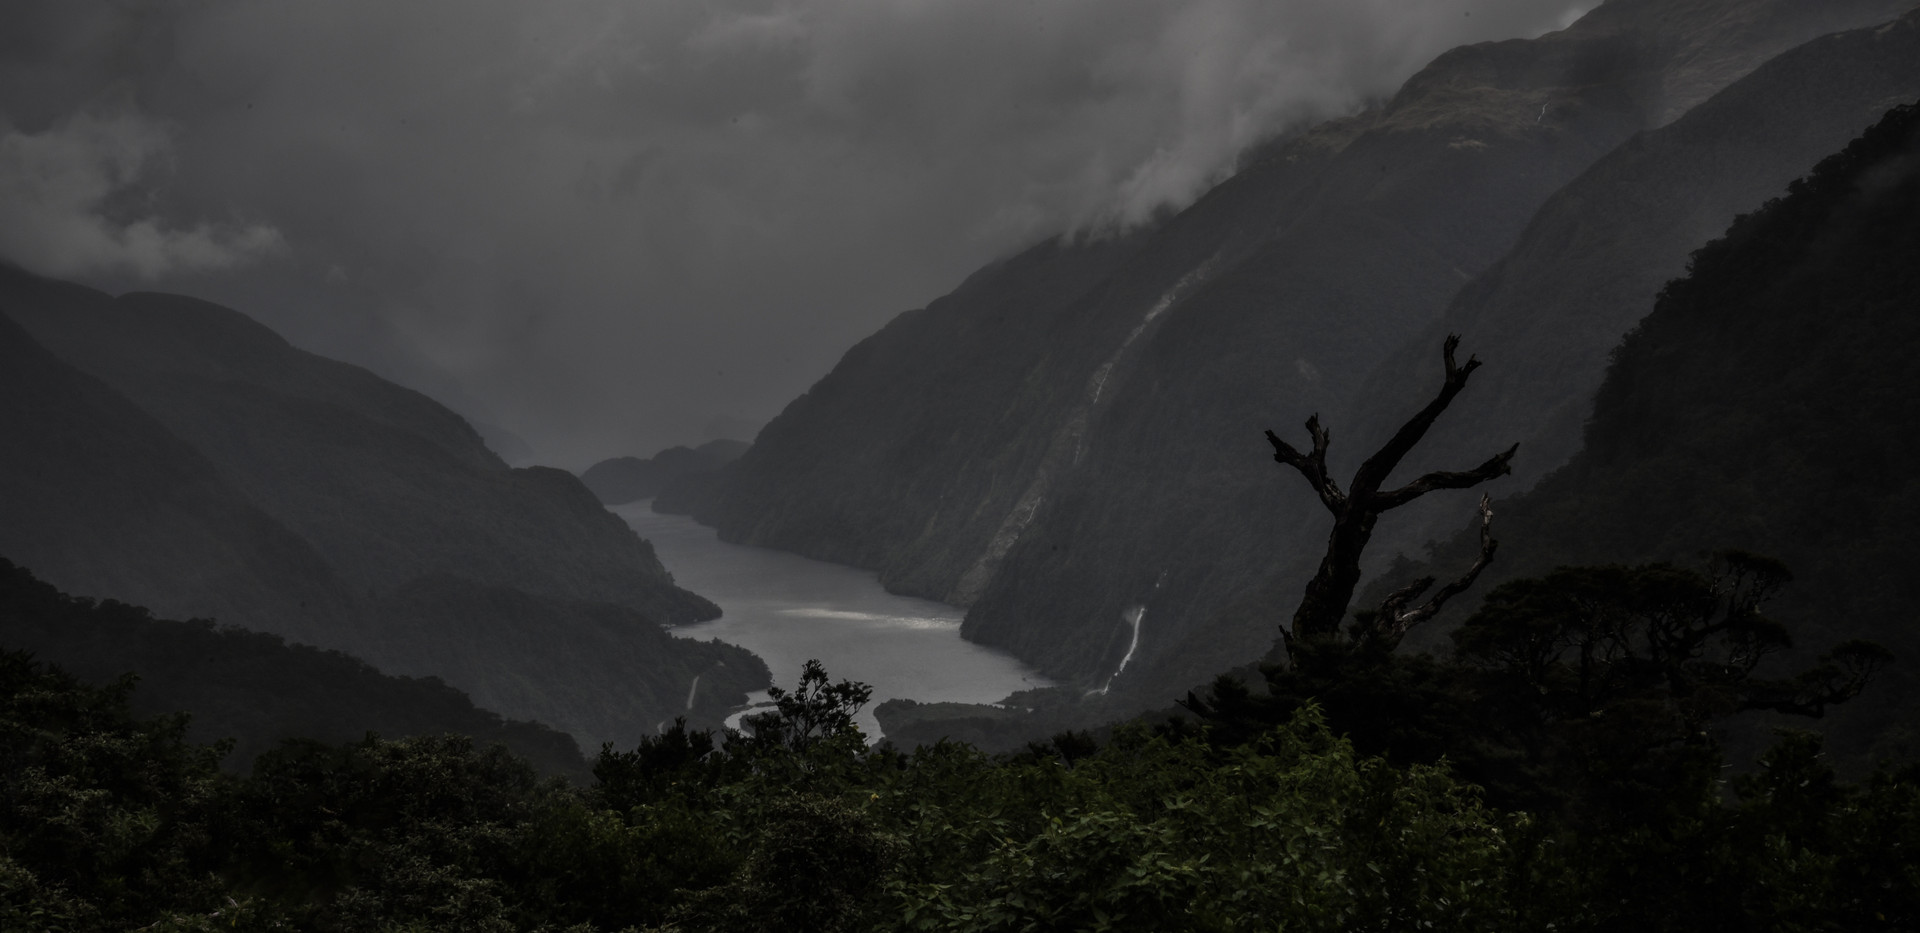 A Gloomy Outlook